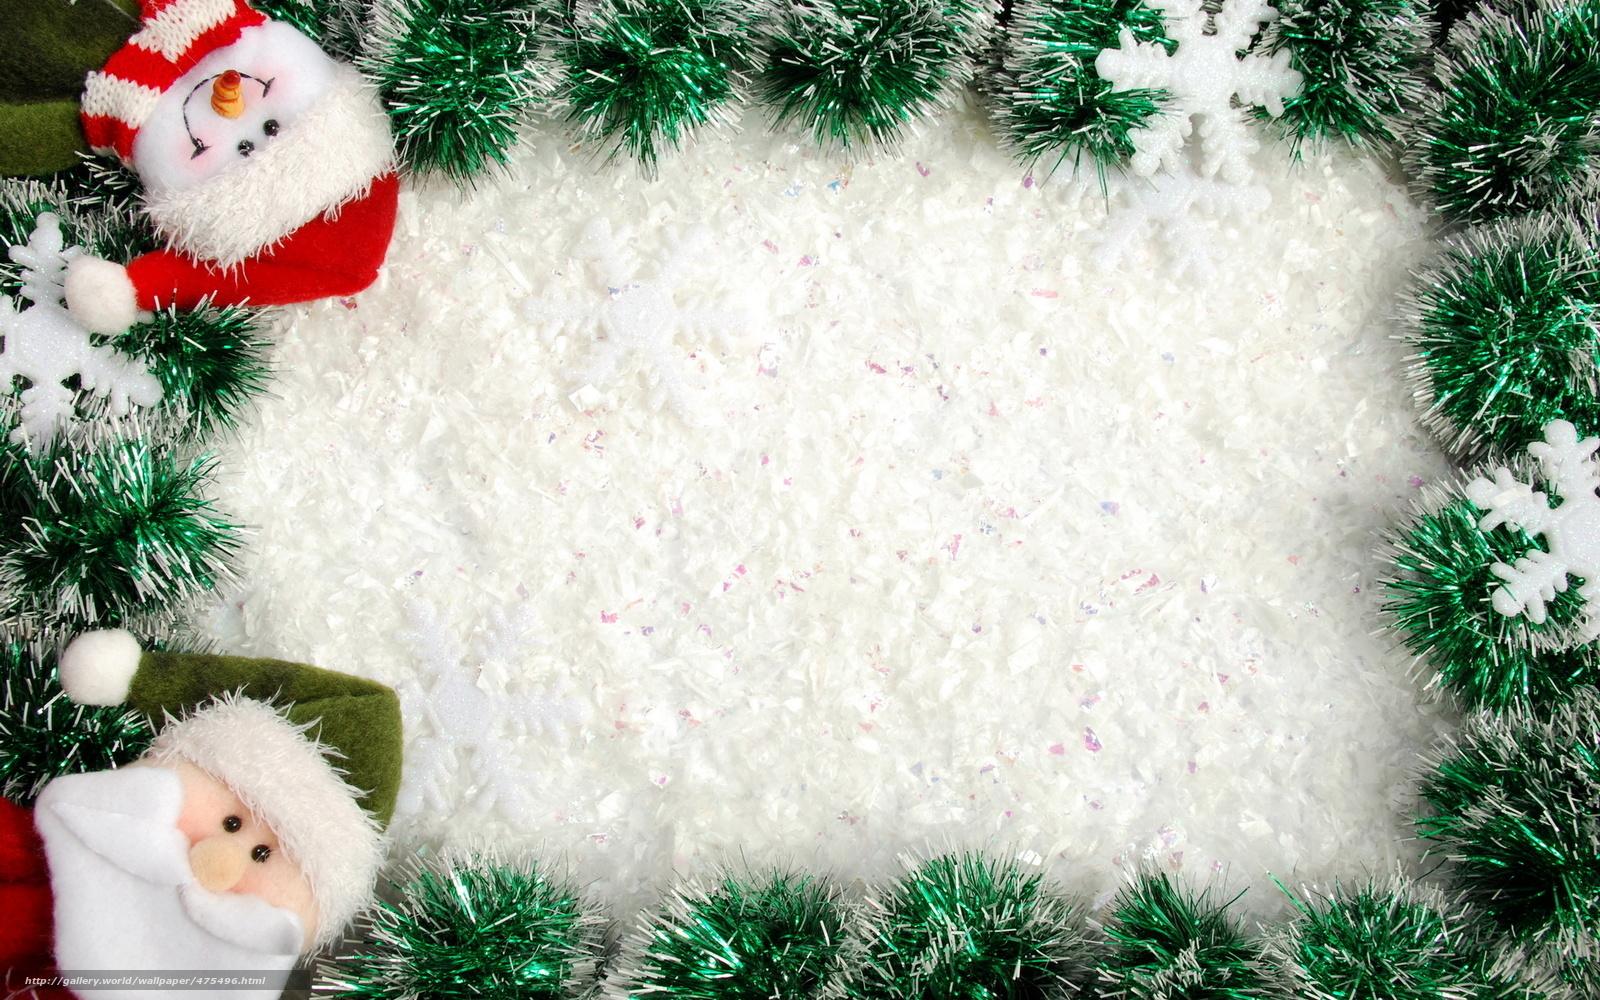 Weihnachten, Weihnachtsmann, Neujahr, Schneemann, Urlaub, Rahmen ...